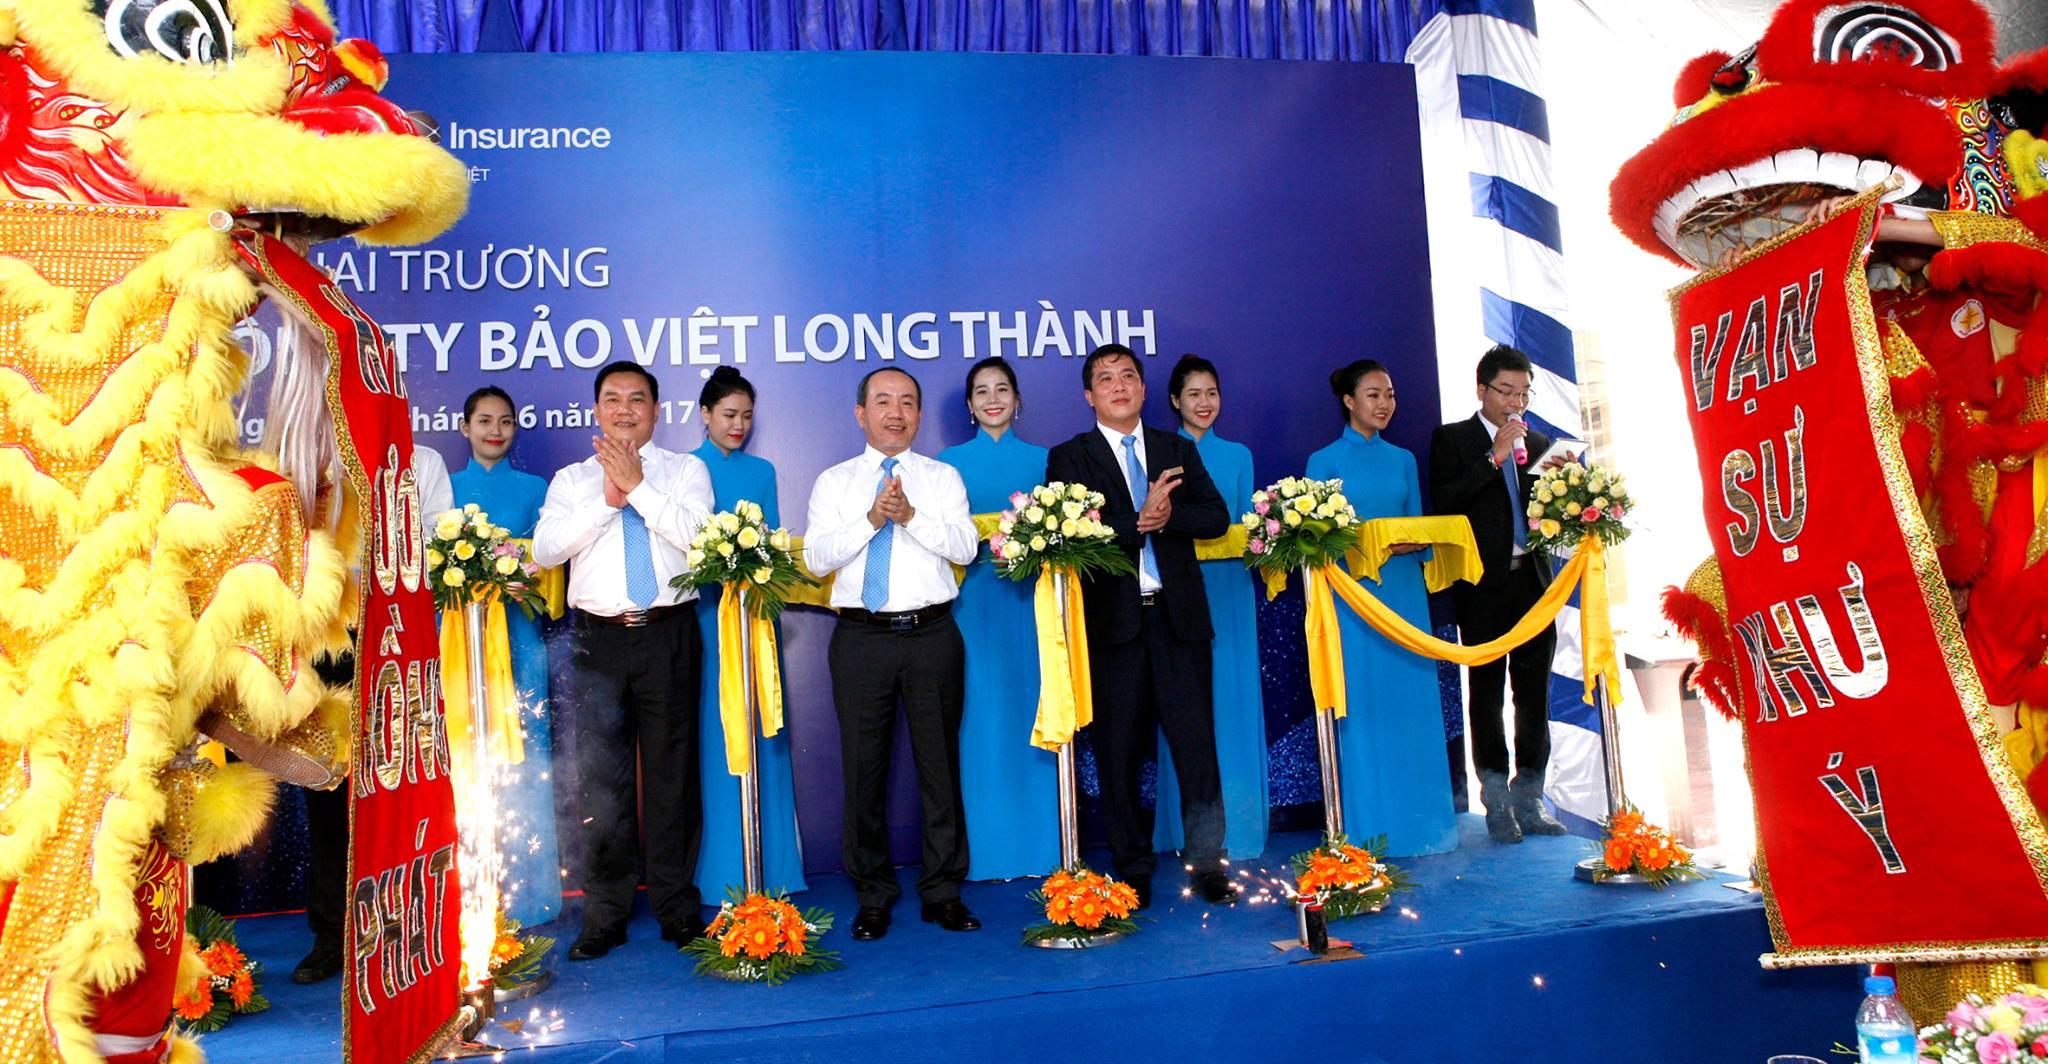 Bảo hiểm Bảo Việt mở rộng mạng lưới tại Đồng Nai